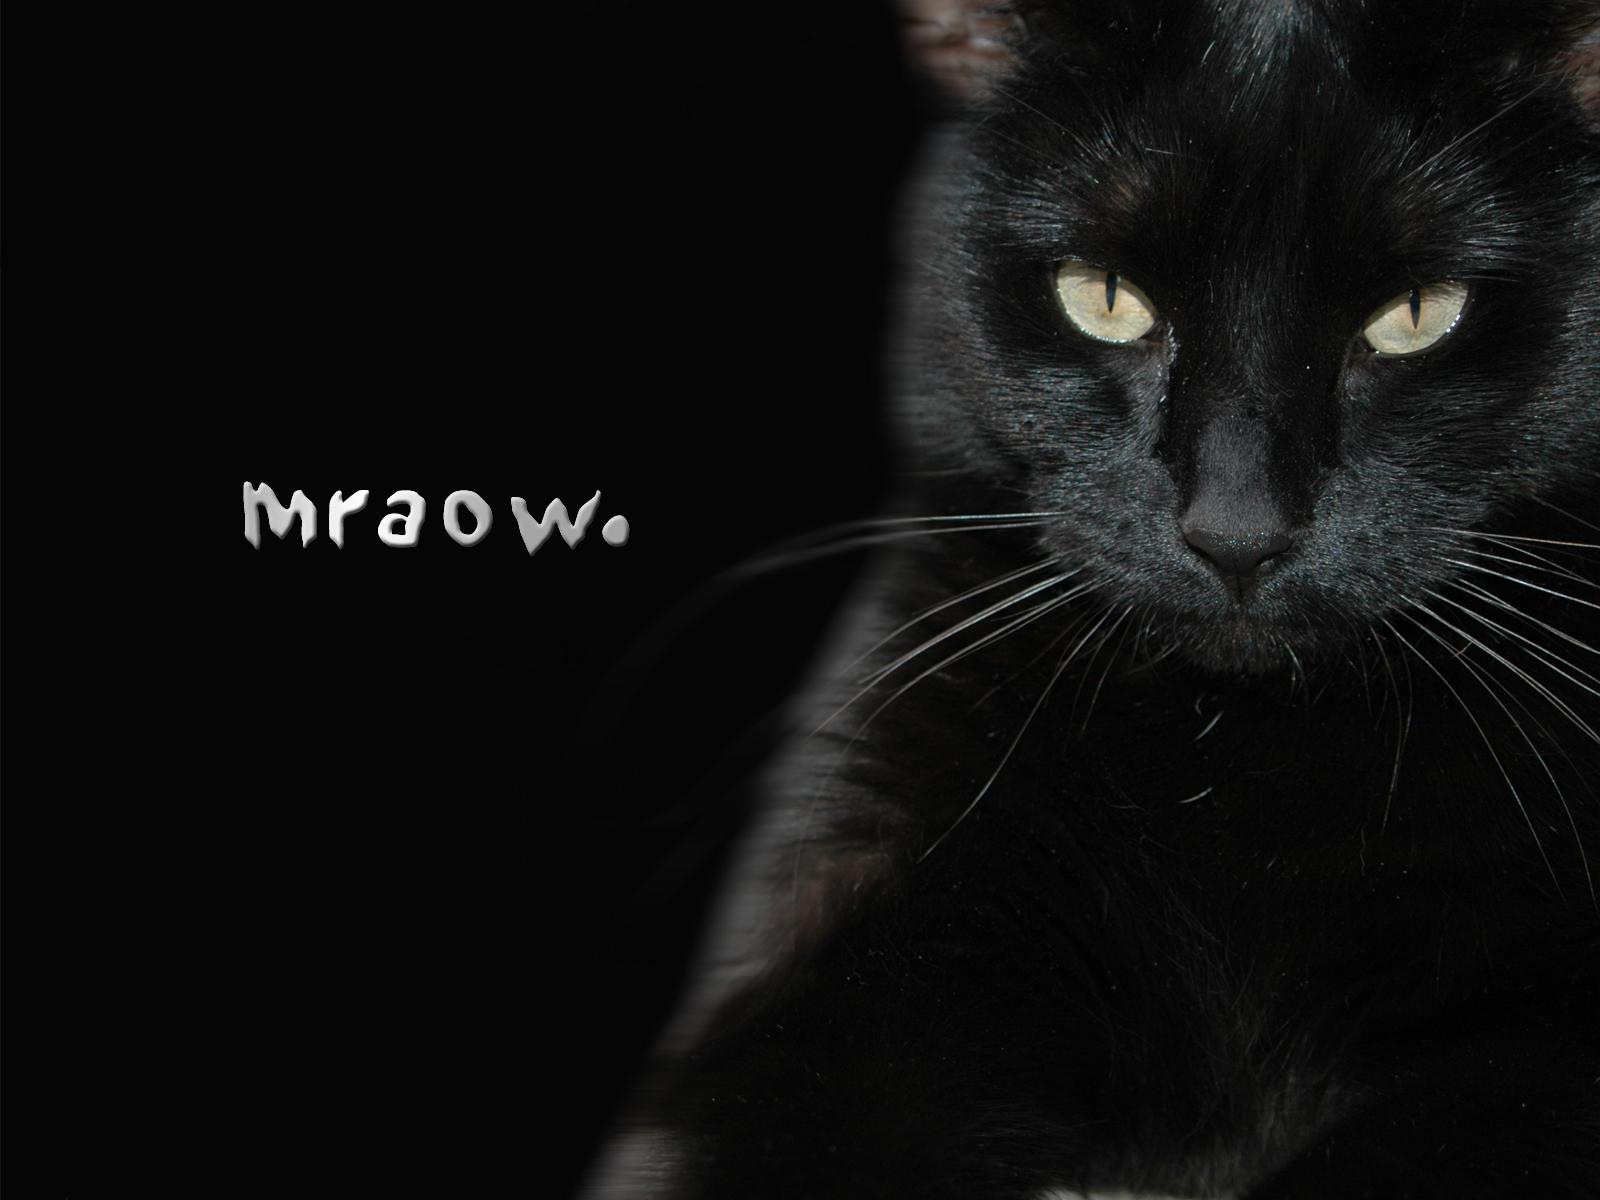 black_cat_26070